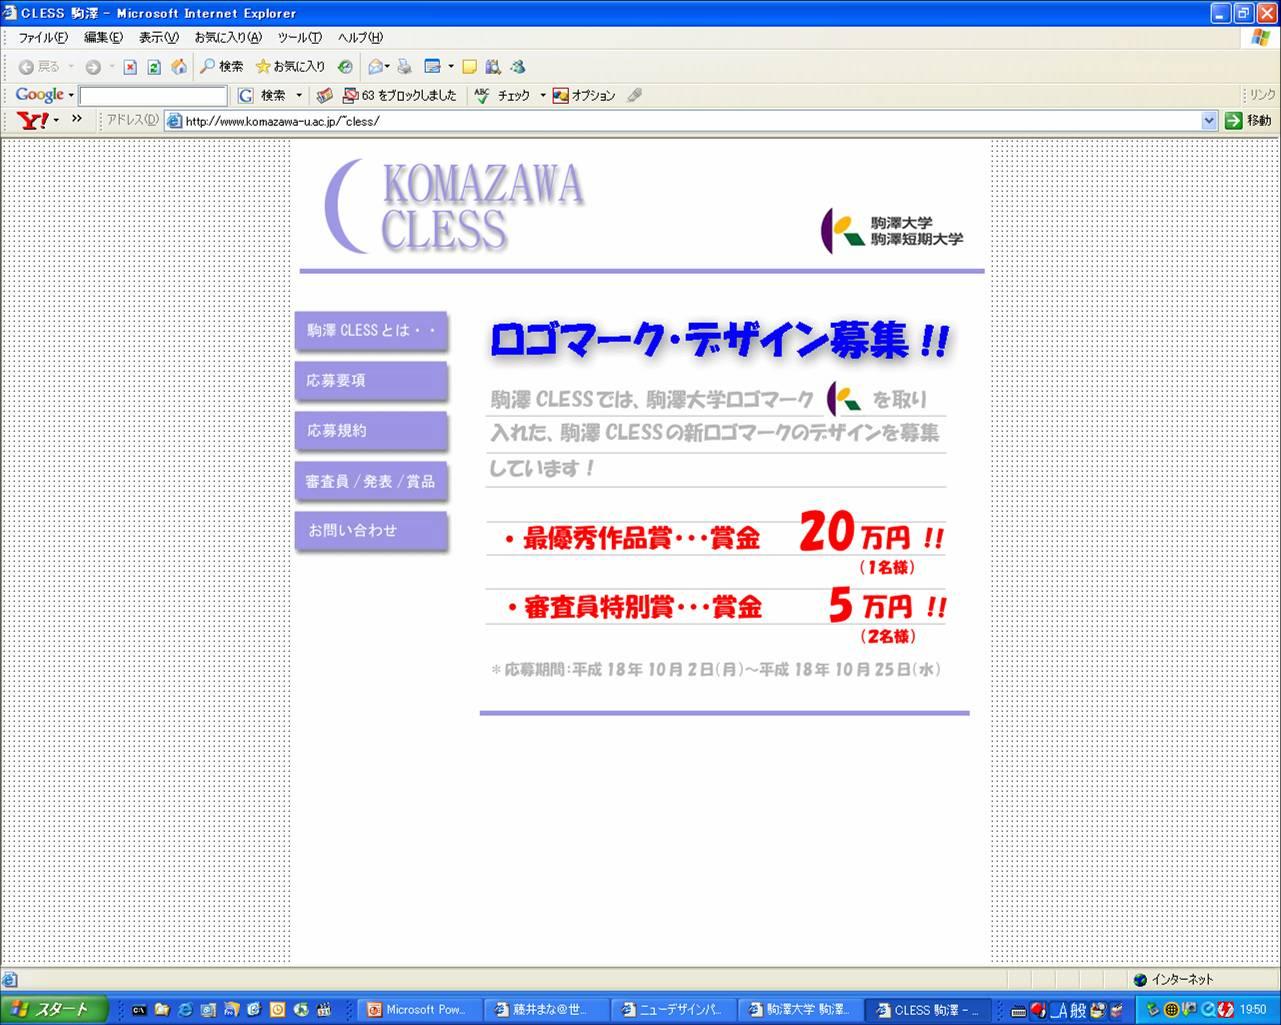 デザインとは資源である_c0092197_19533311.jpg